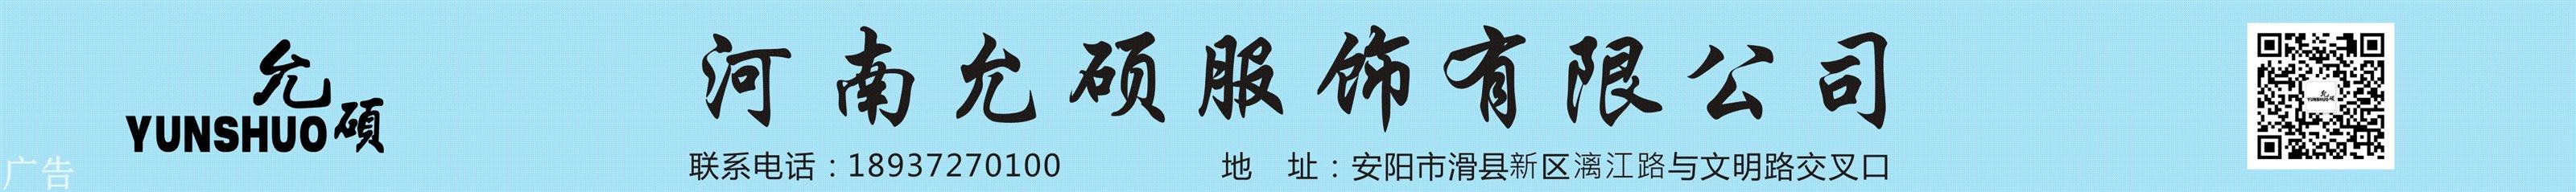 河南省傲宸服飾有限公司